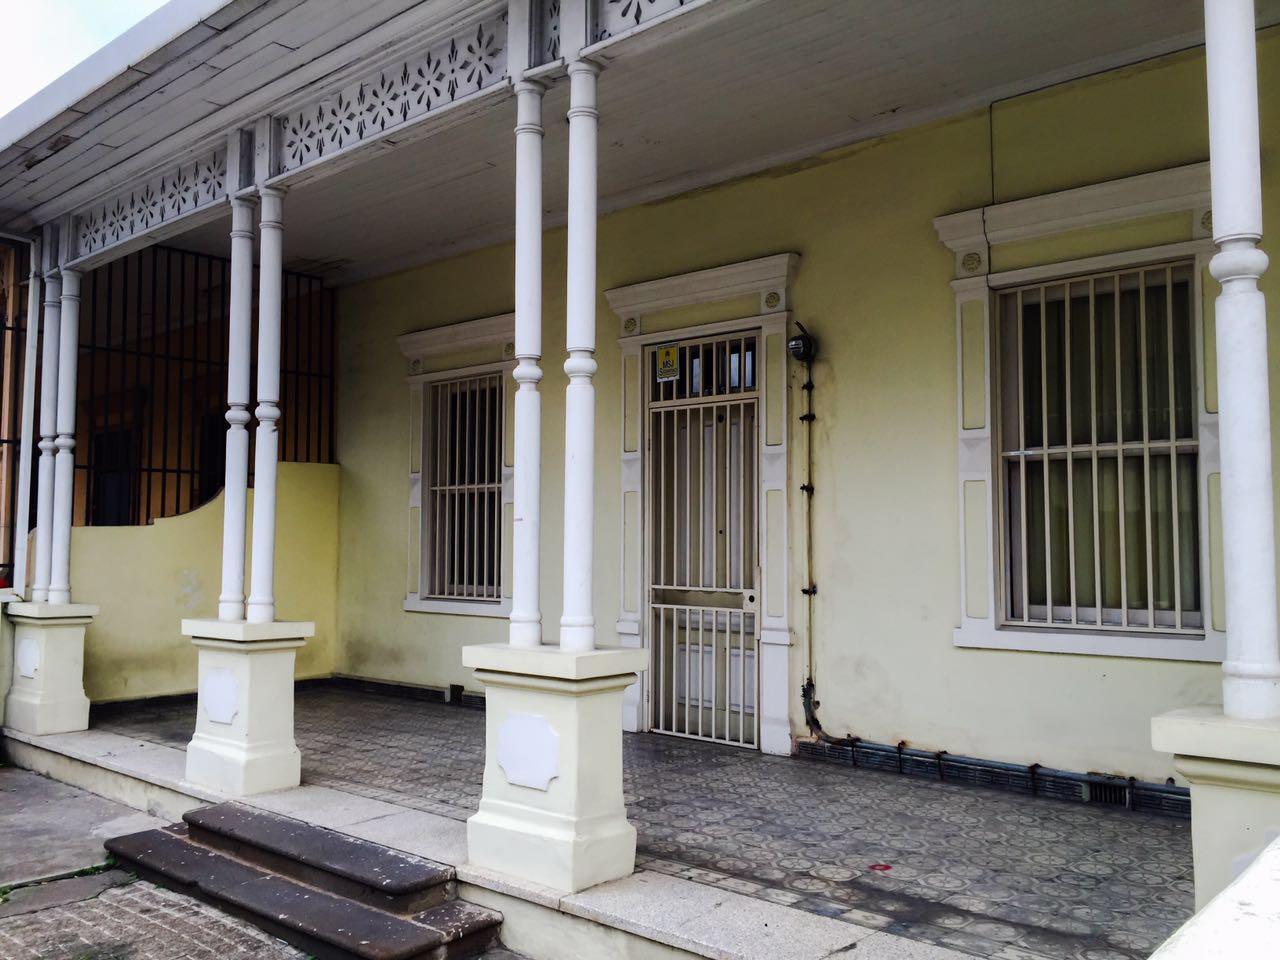 Trabajo estudia compra de casa antigua en barrio am n - Compra de casa ...